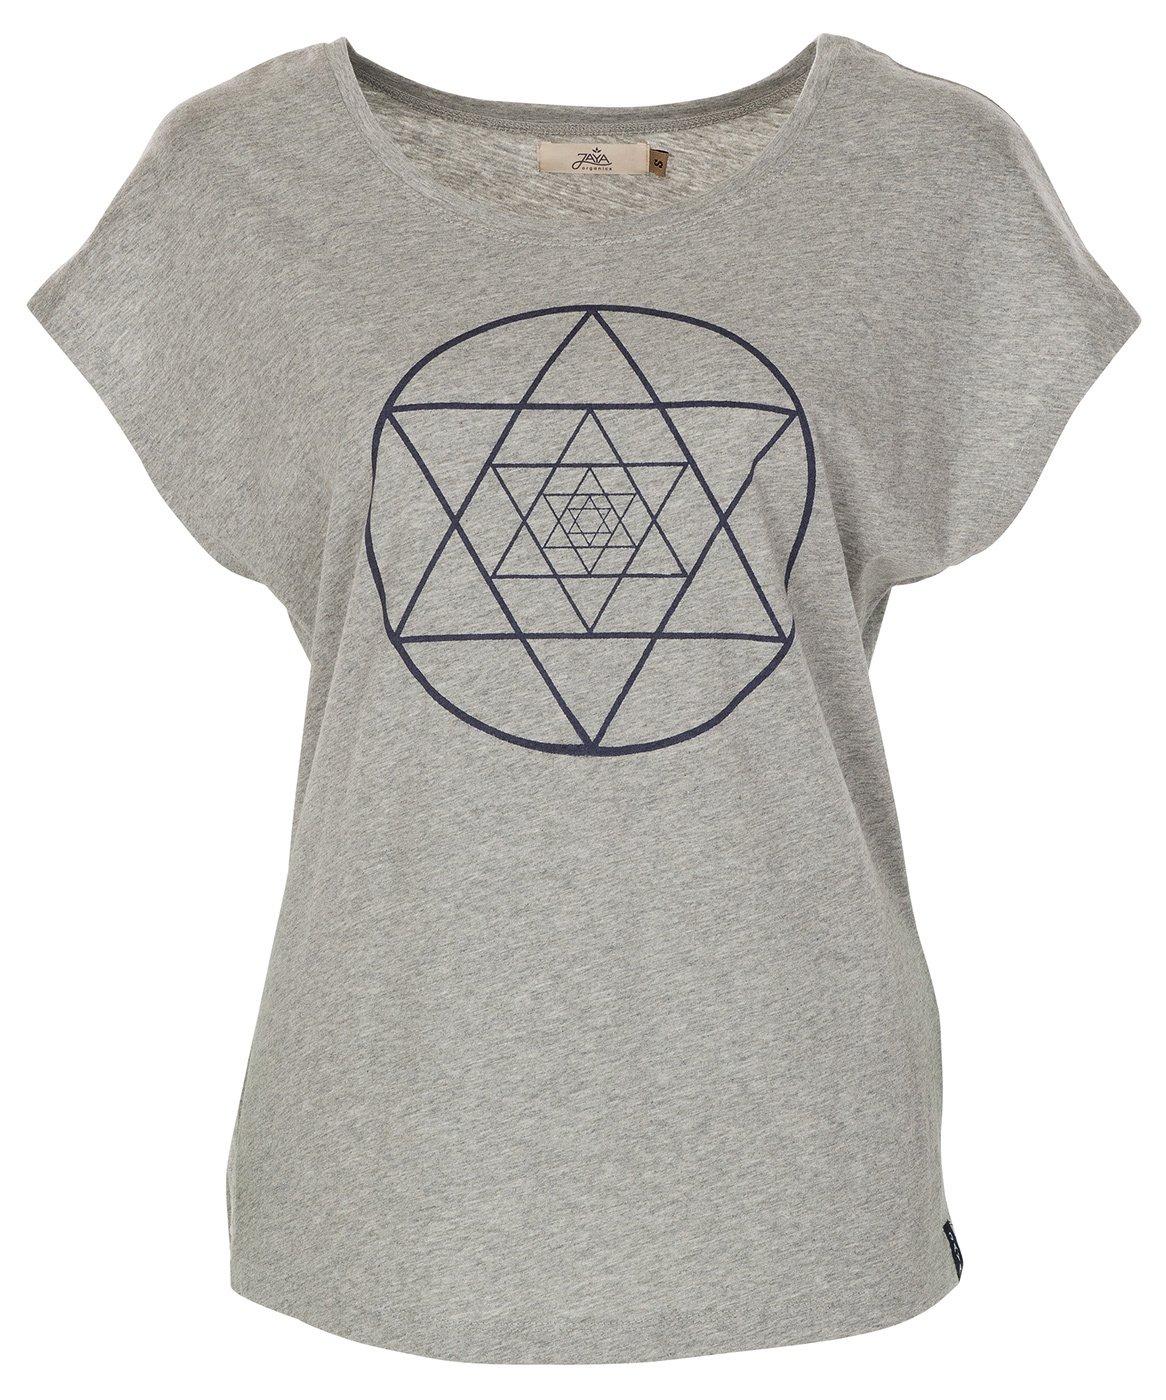 Jaya T-Shirt isis - Grau Melange